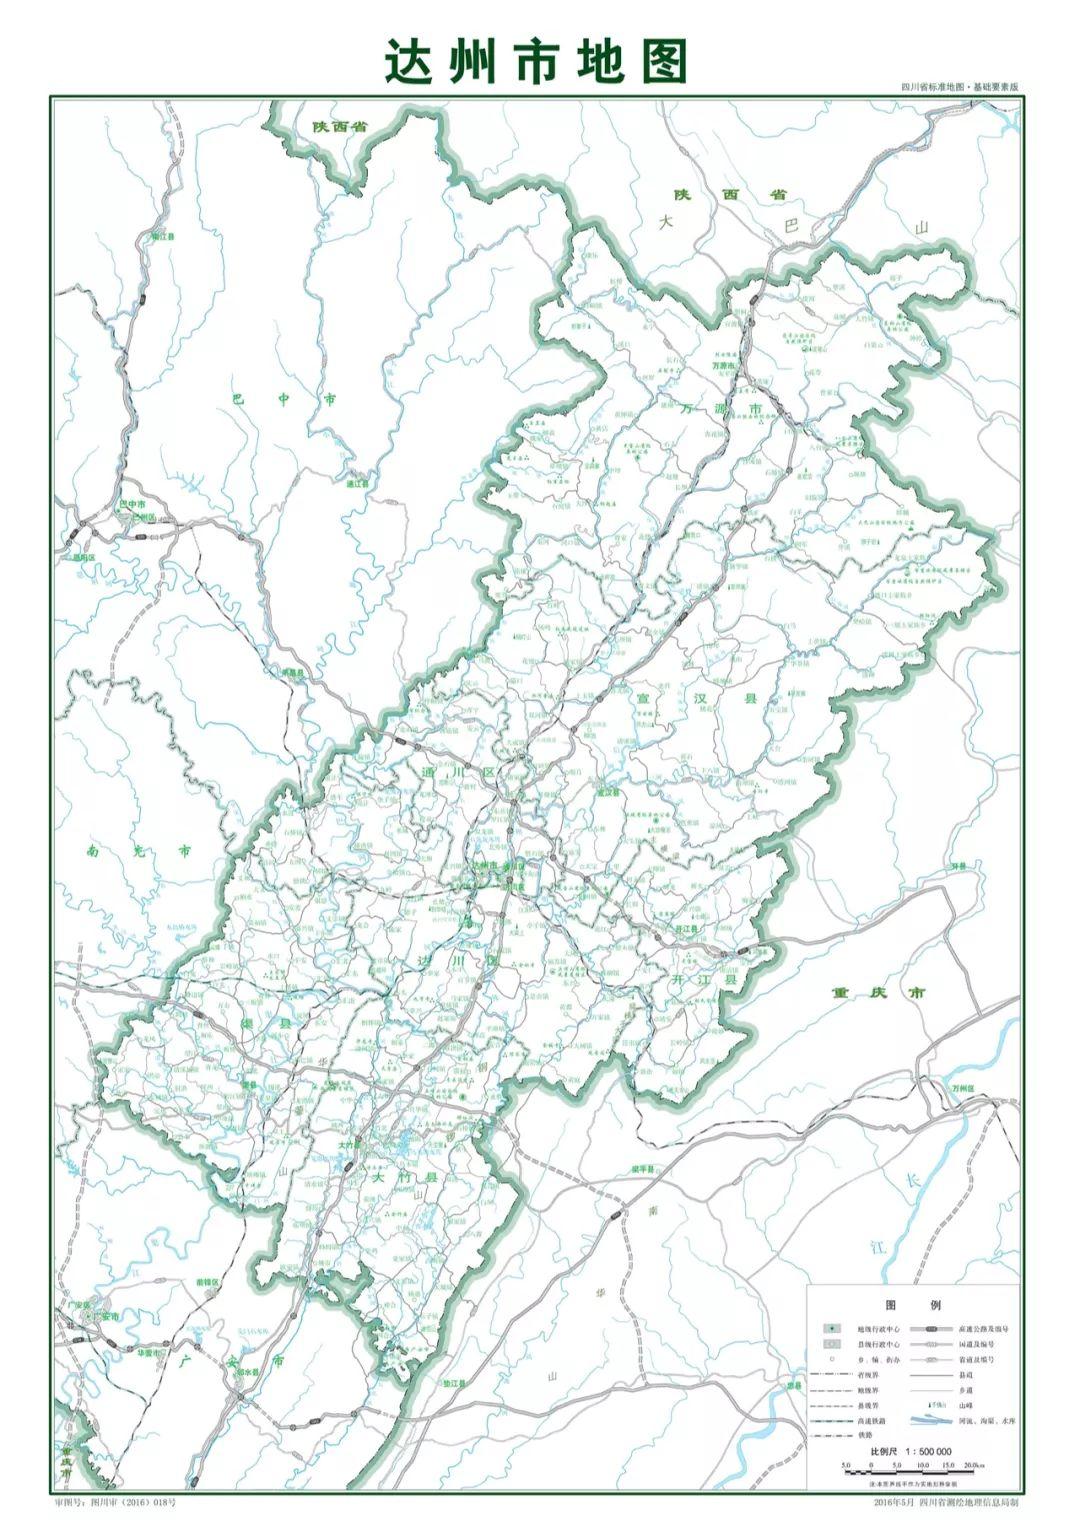 图片来源:达州市政府官网(点击可看大图)